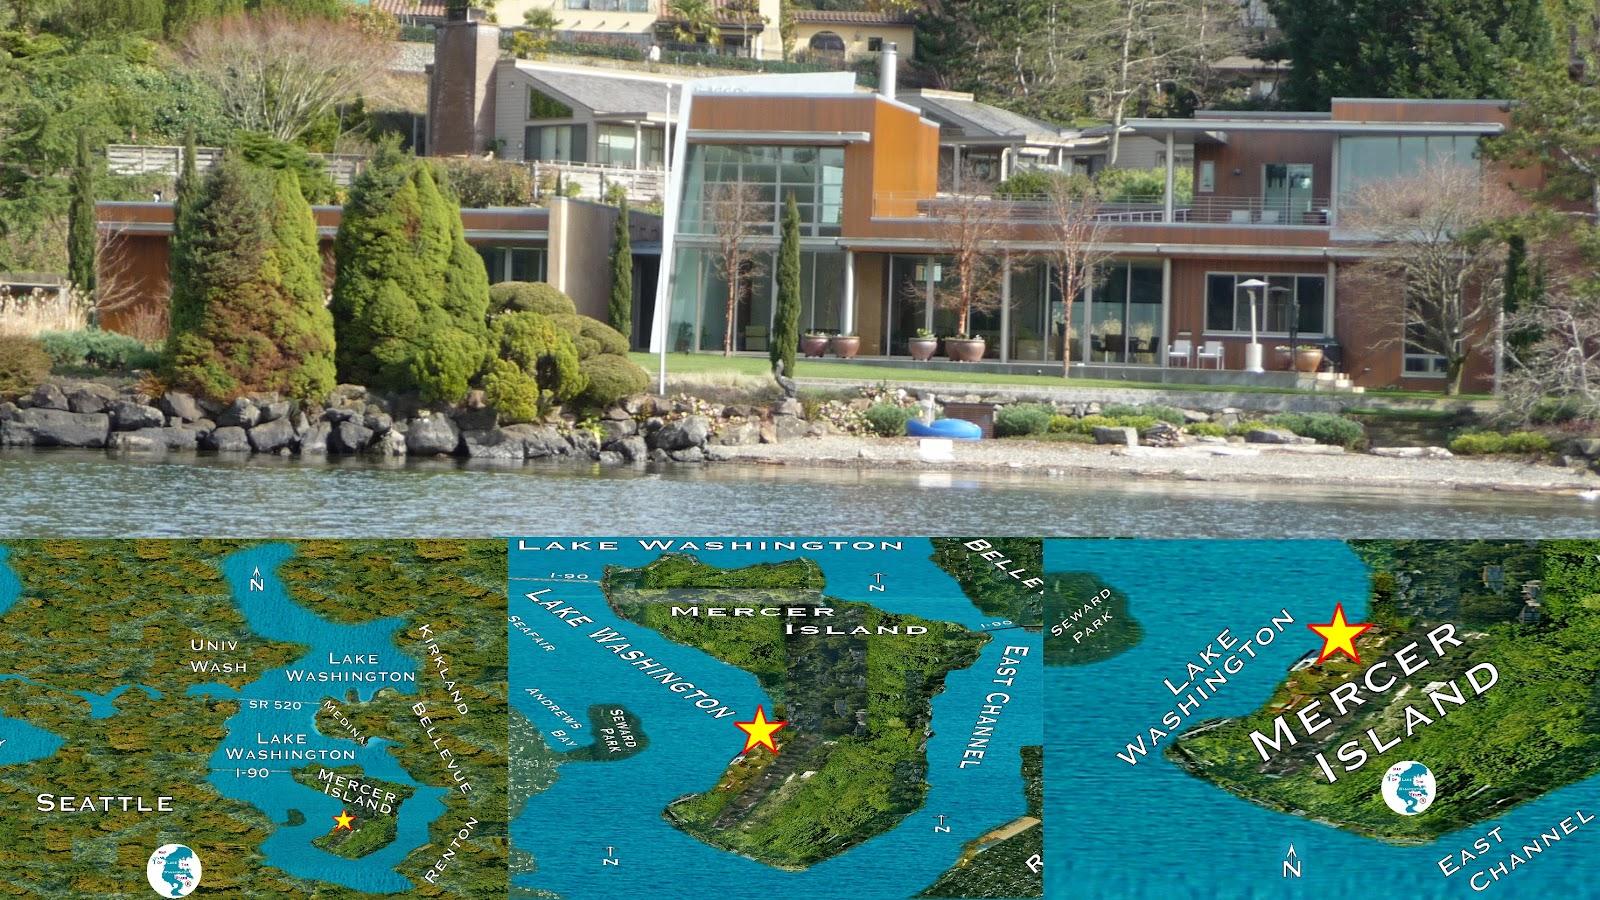 Mercer island luxury waterfront estate idesignarch interior design - Seattle Mansions Obama Mercer Island Advisor Joseph Schocken